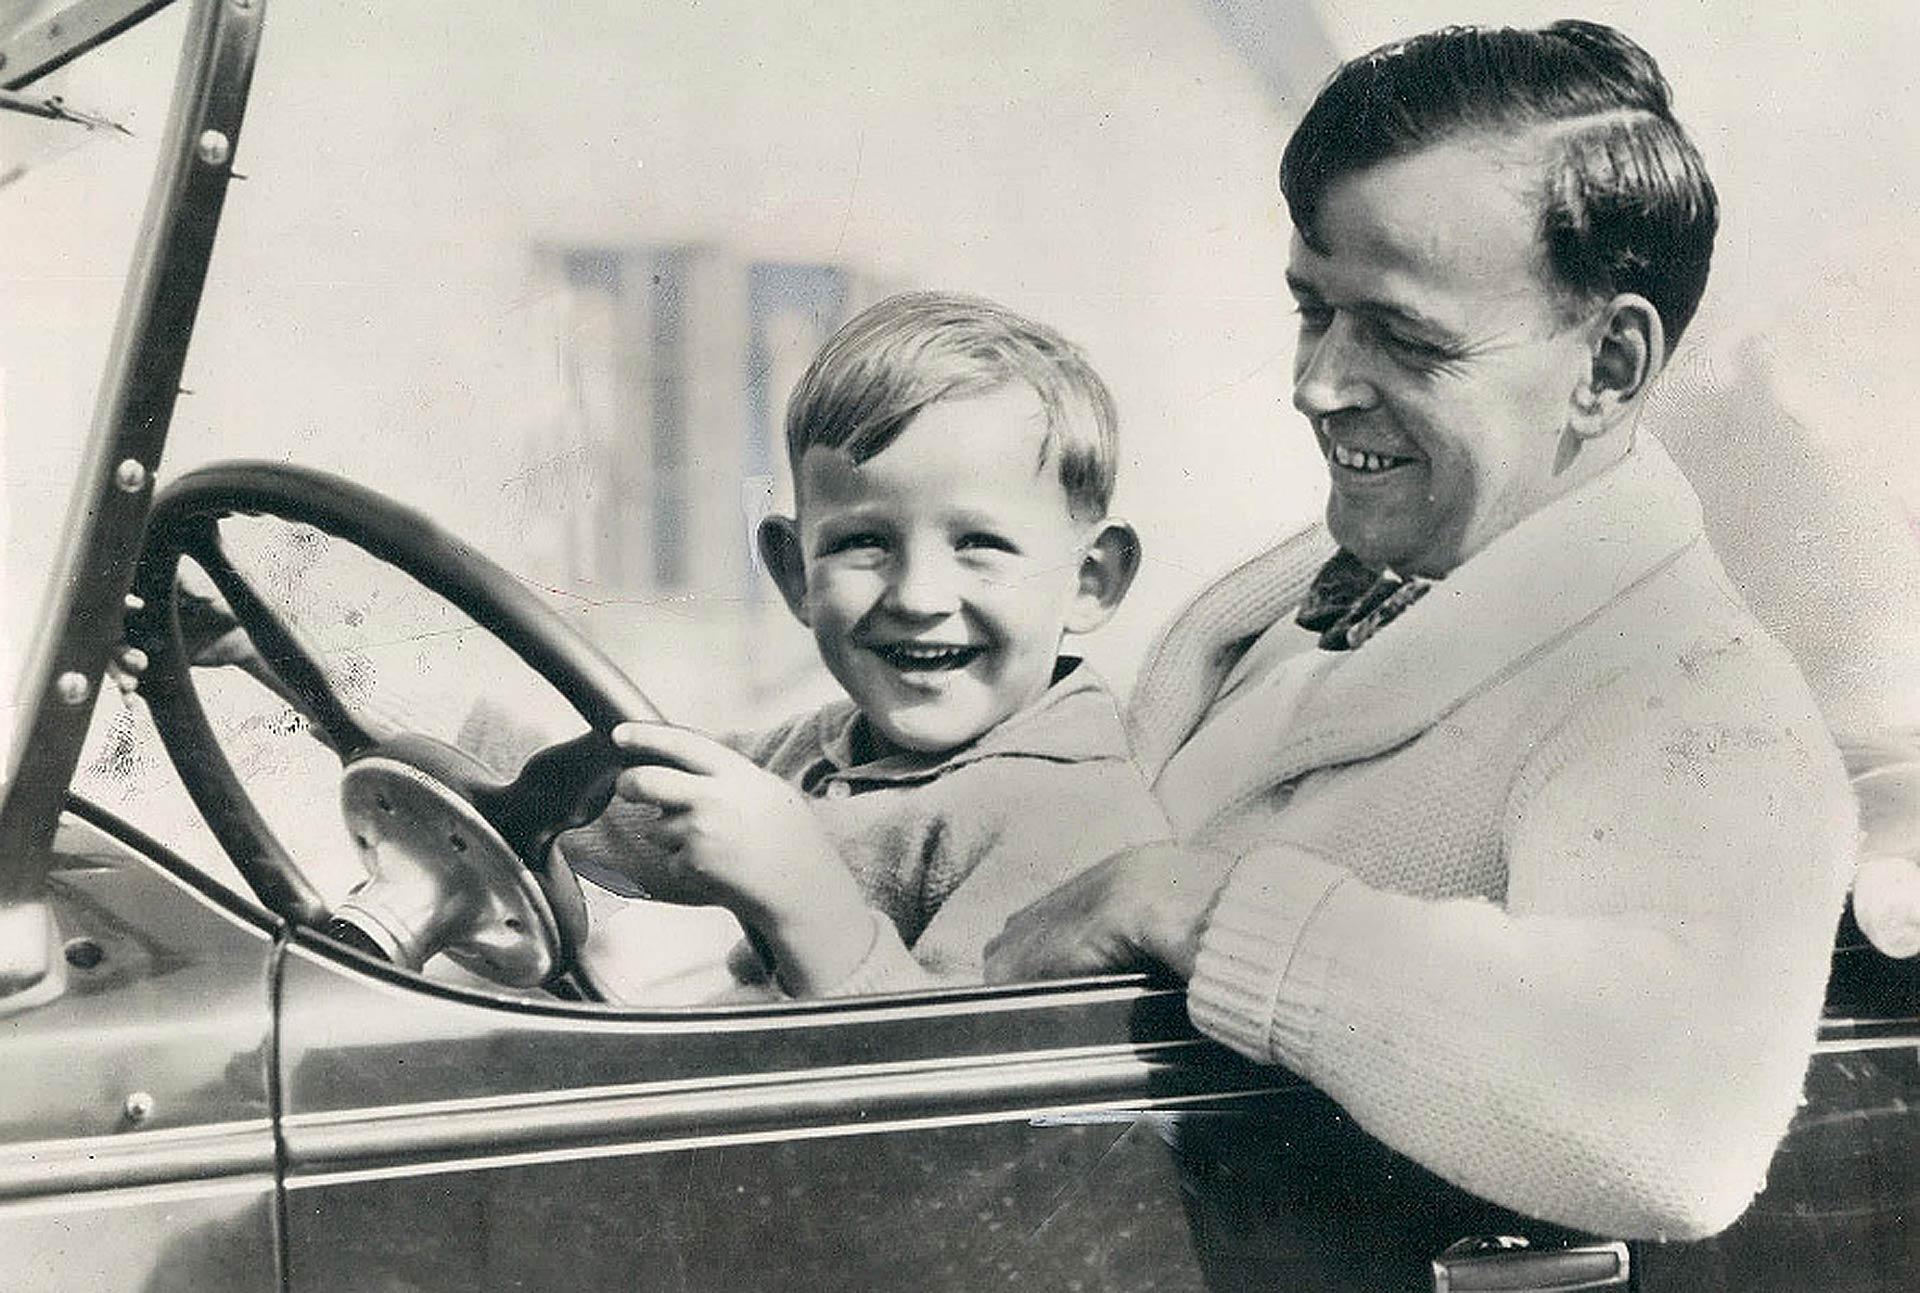 Il papà fa provare al figlio piccolo a guidare l'auto in bianco e nero